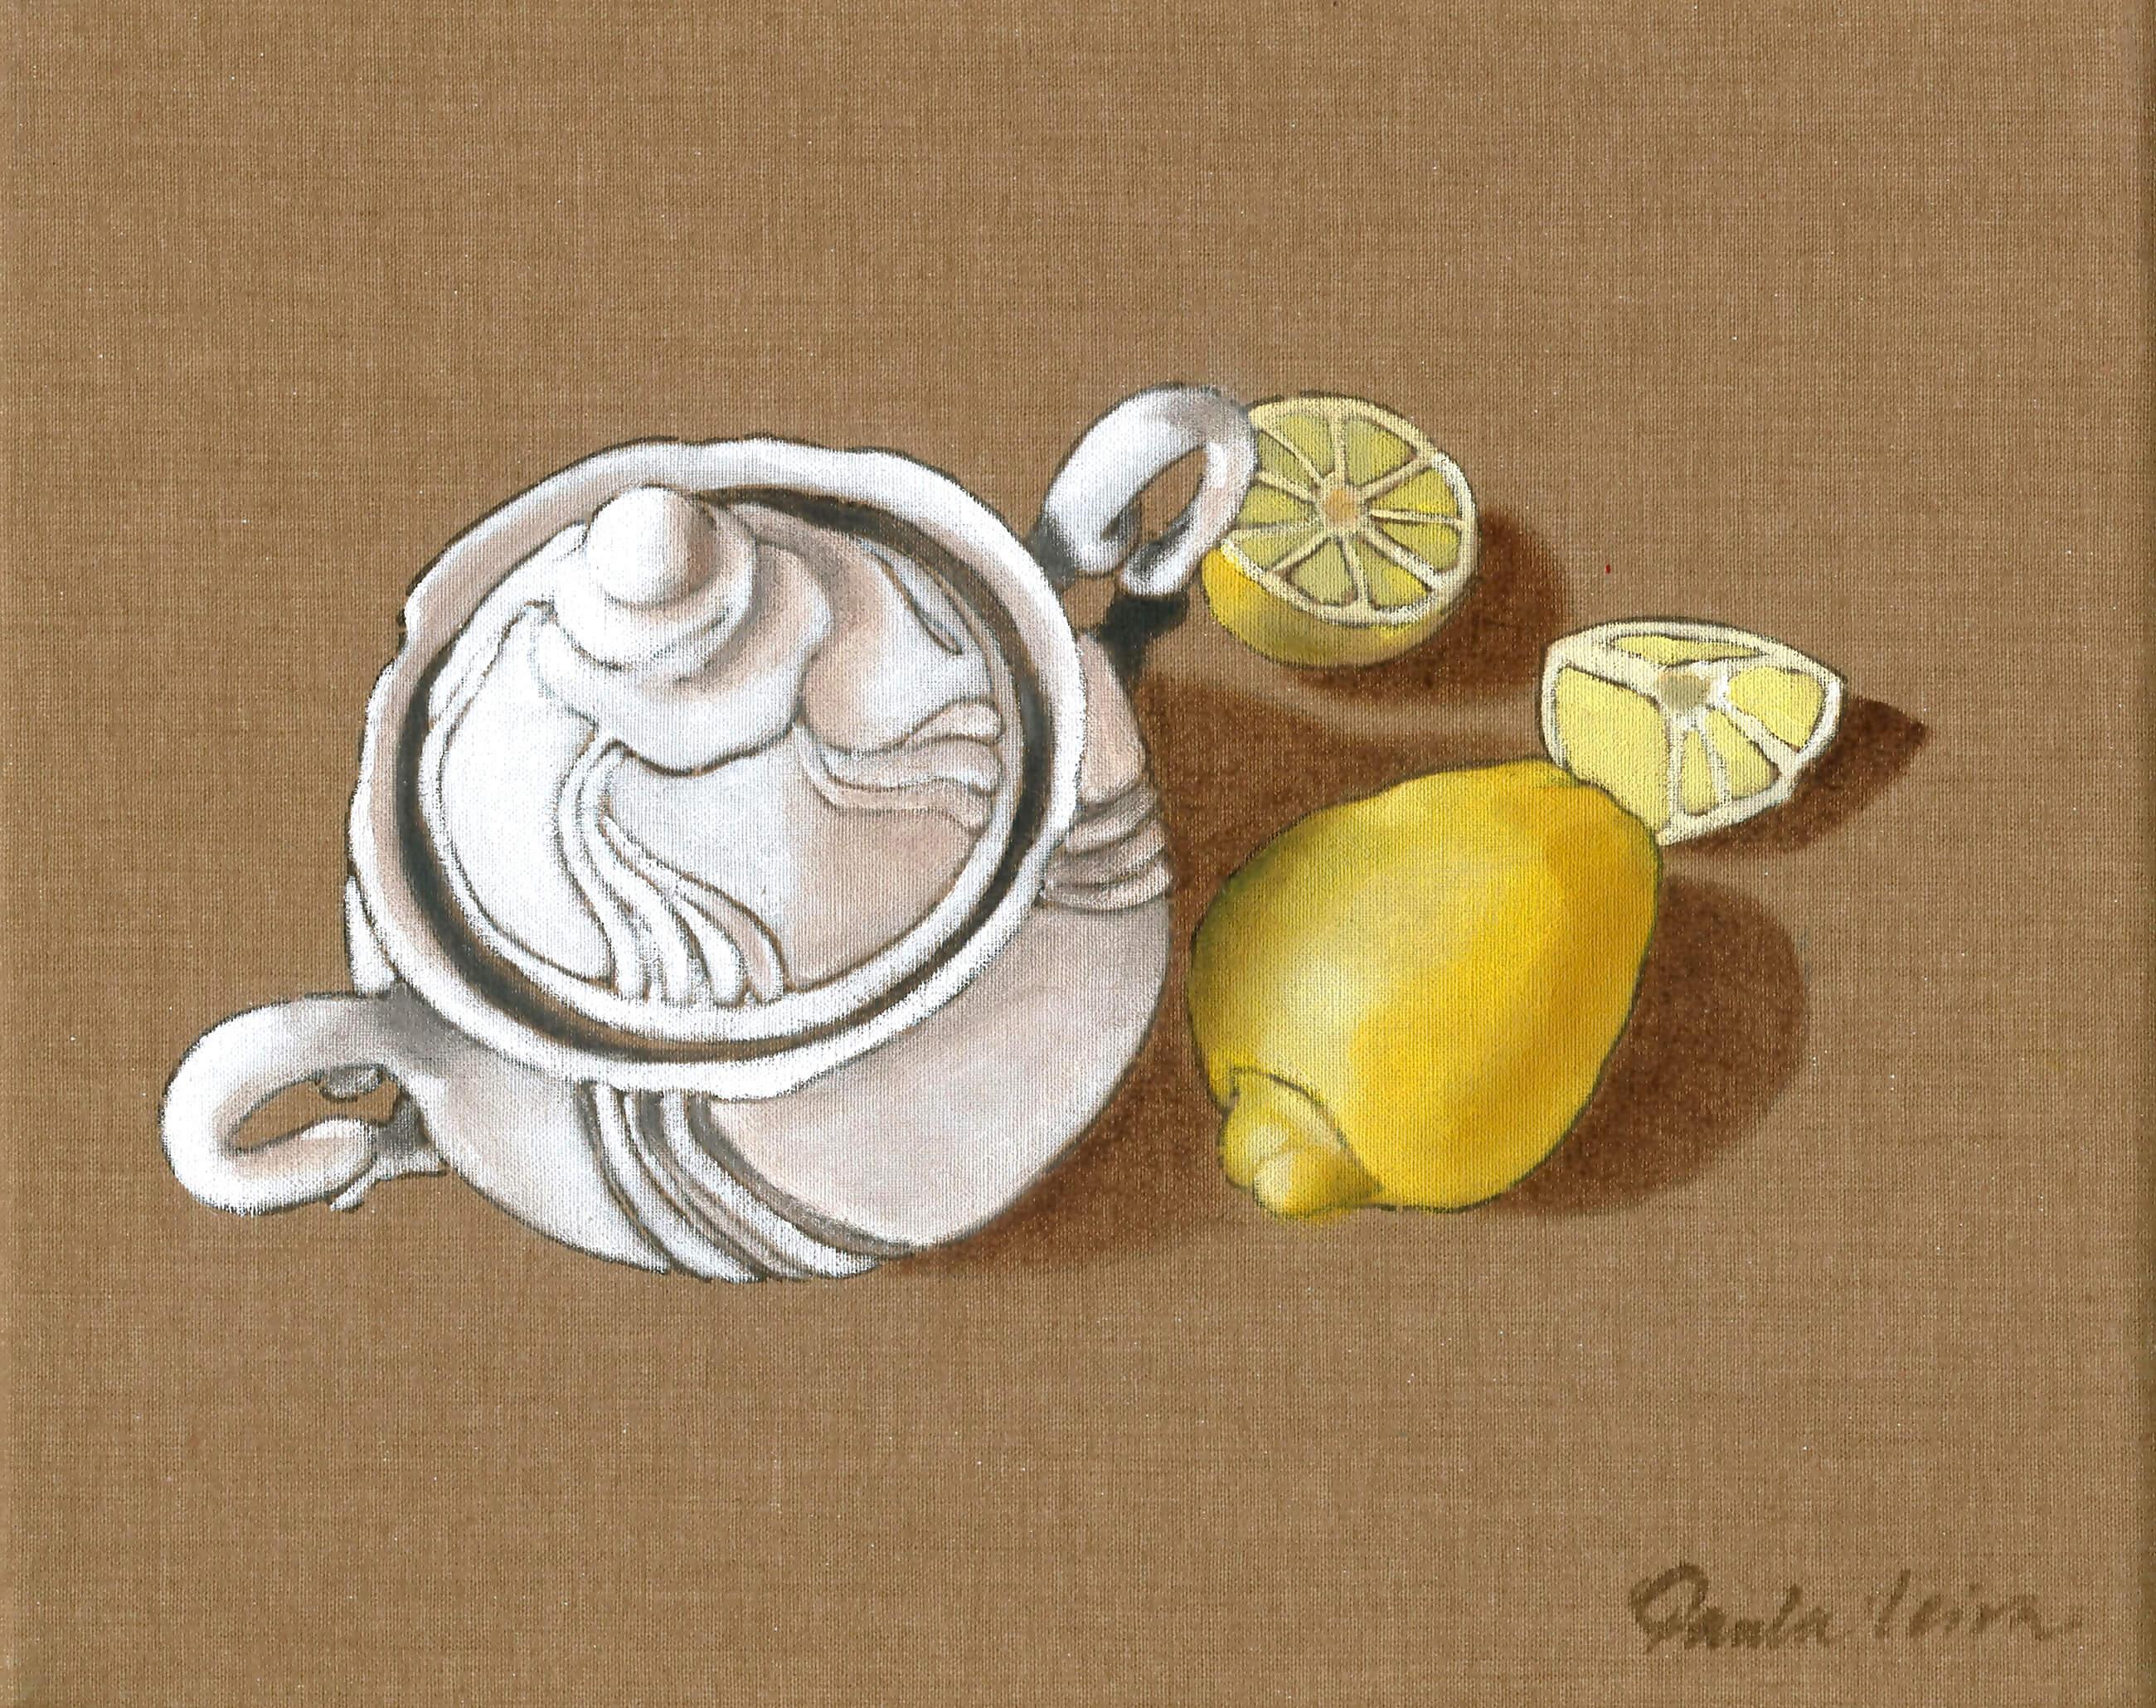 Leiva-GrangerPaula-Azucarero-y-limones.2007-Óleo-sobre-tela-22-x-27-cm.-1 Paula Leiva